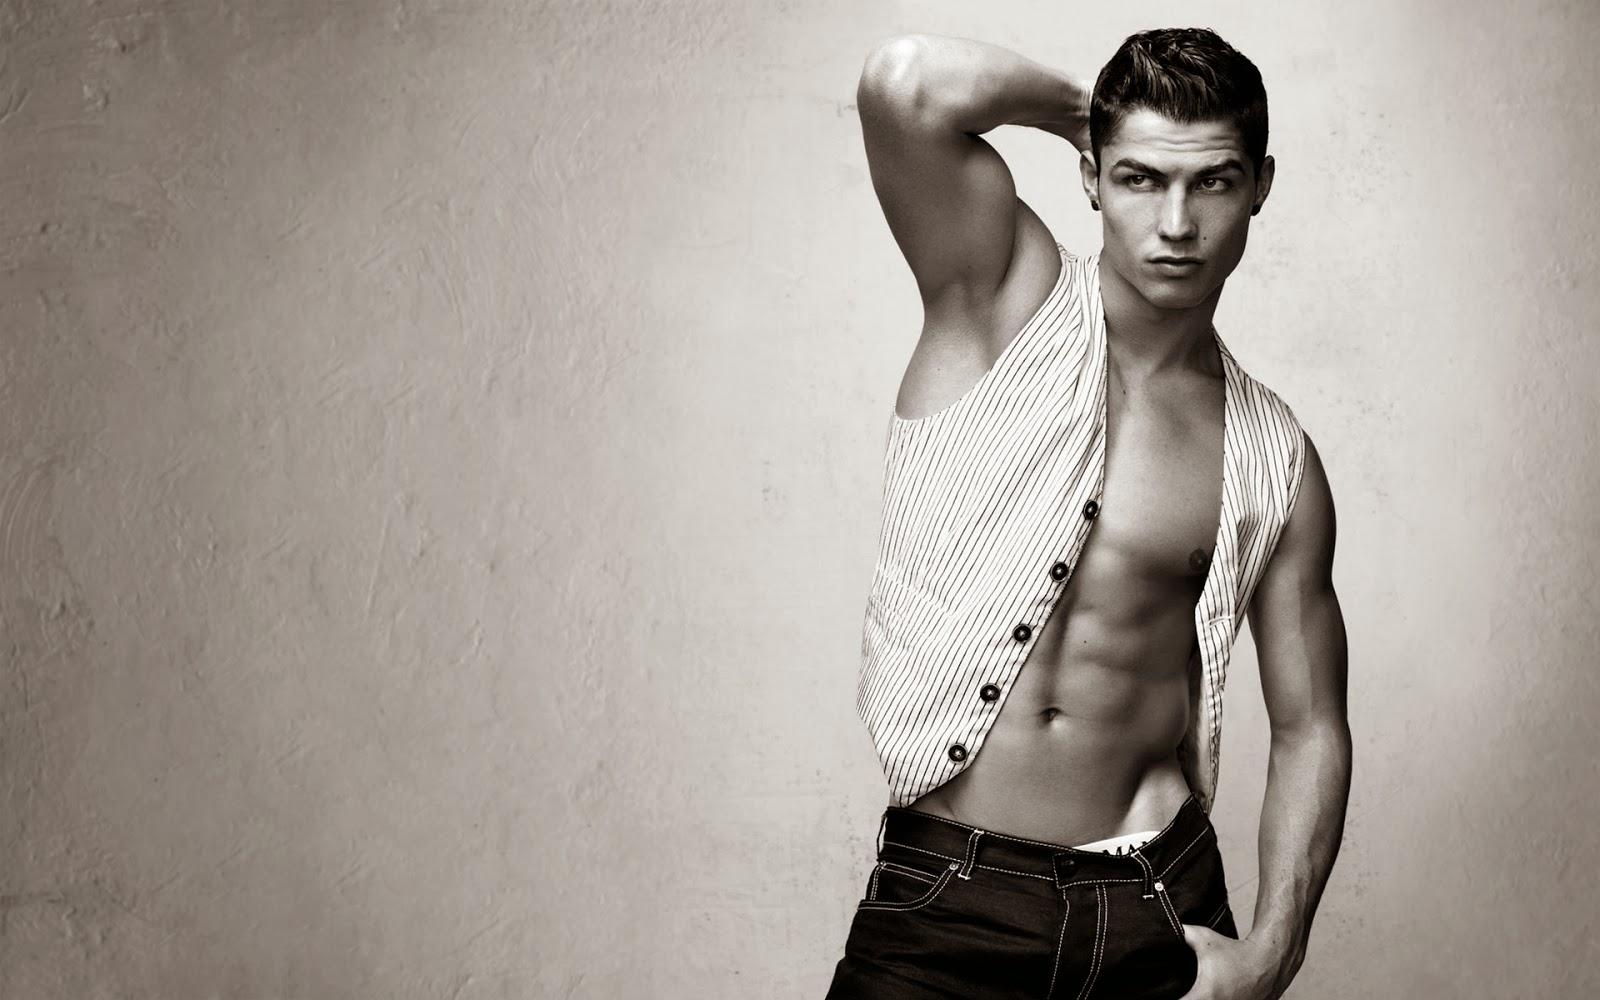 Wallpaper CR7 Cristiano Ronaldo HD